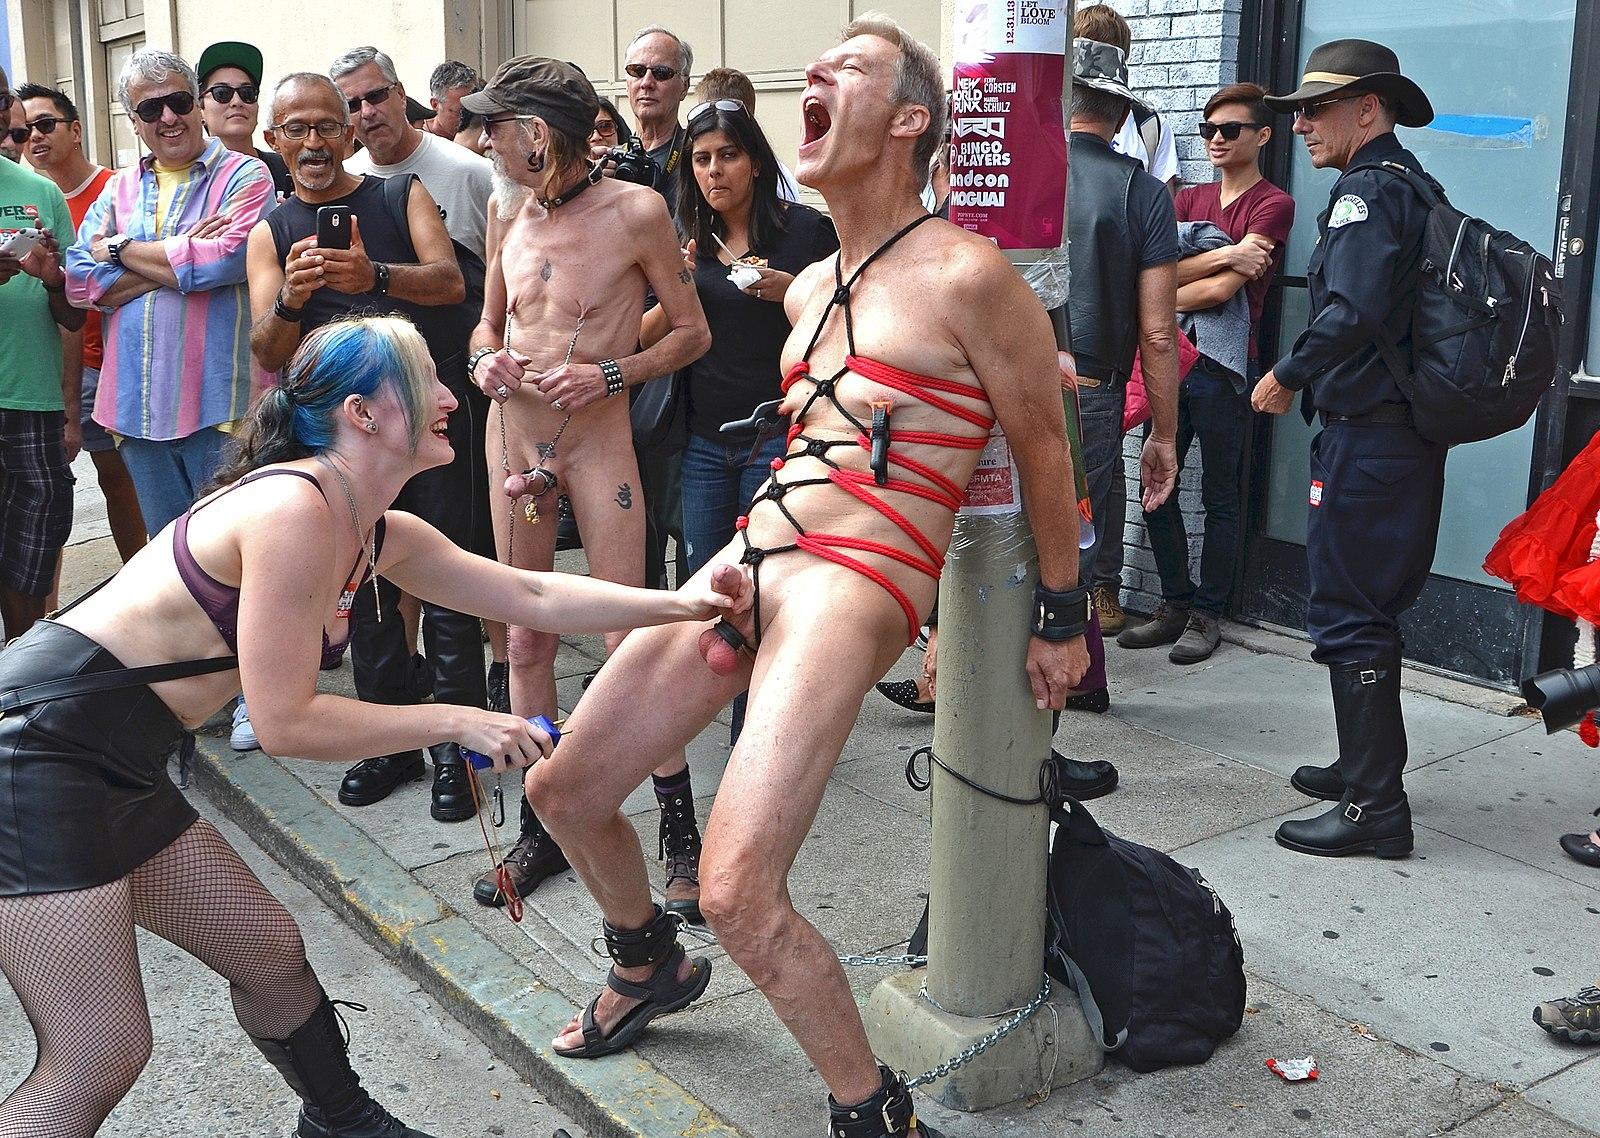 Ballbusting-une pratique qui a des couilles - BDSM - maitryaorganization - 7